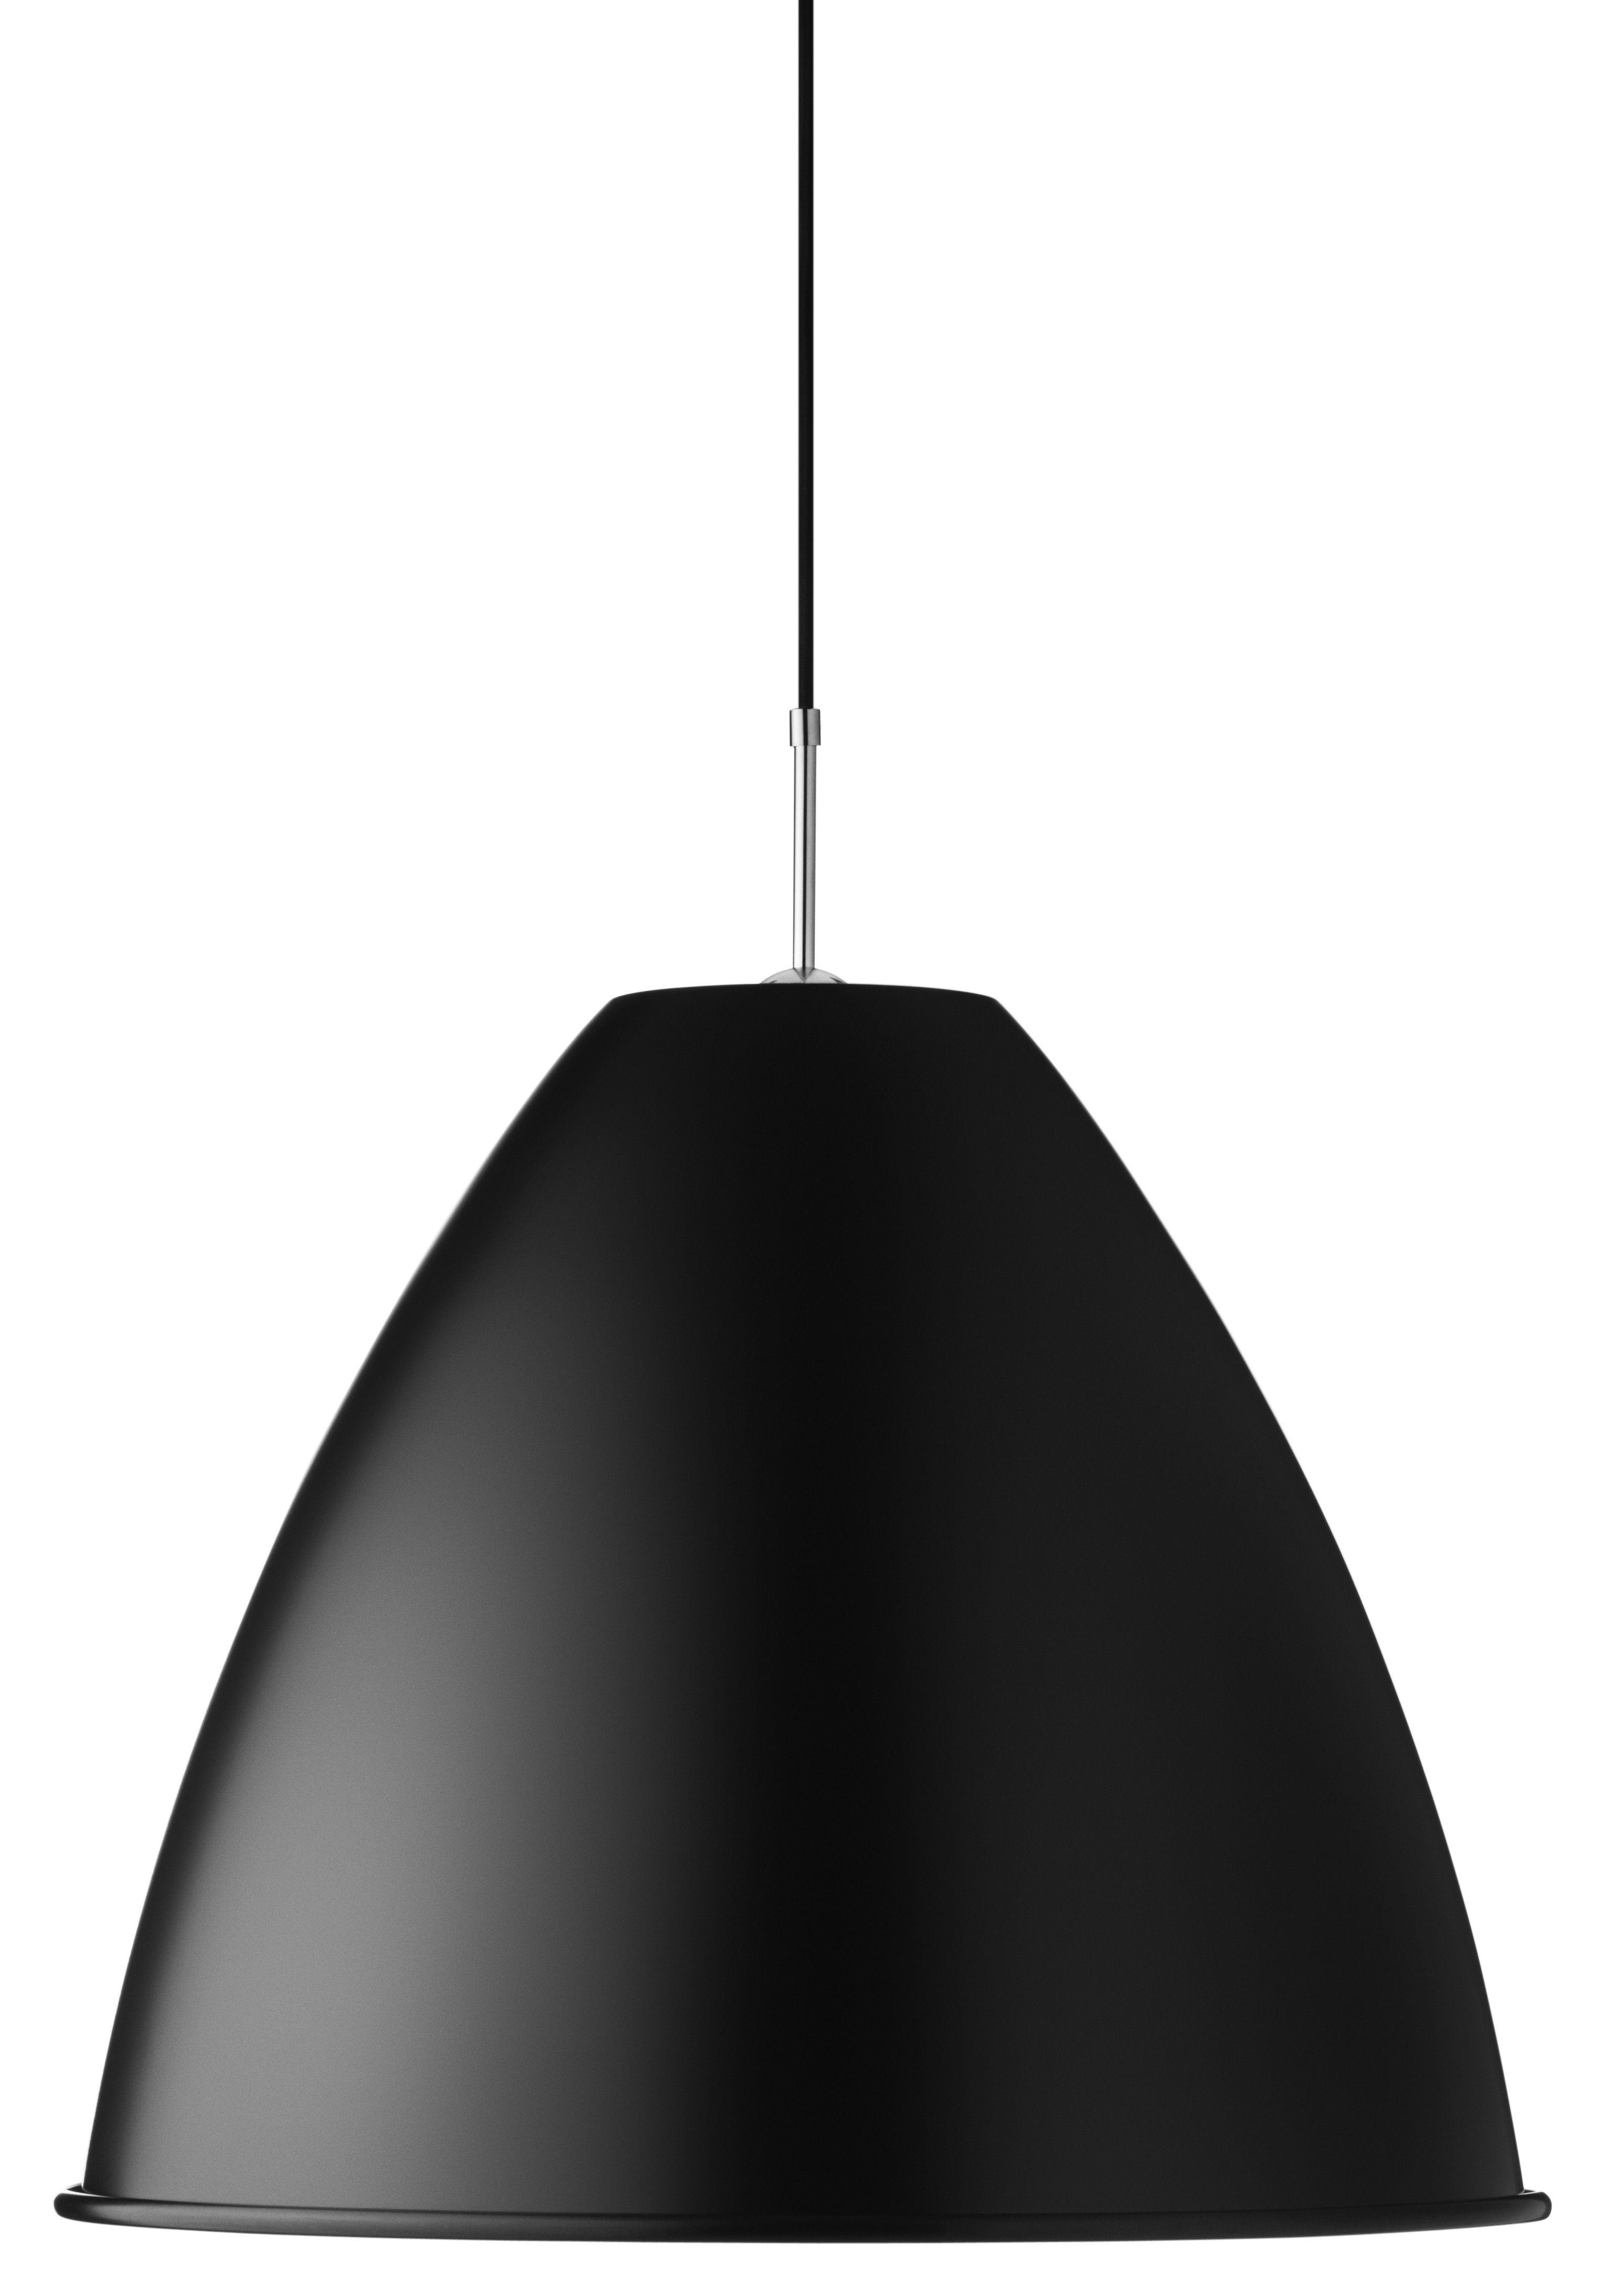 Leuchten - Pendelleuchten - Bestlite BL9 L Pendelleuchte Ø 40 cm - Neuauflage von 1930 - Gubi - Schwarz - verchromtes Metall